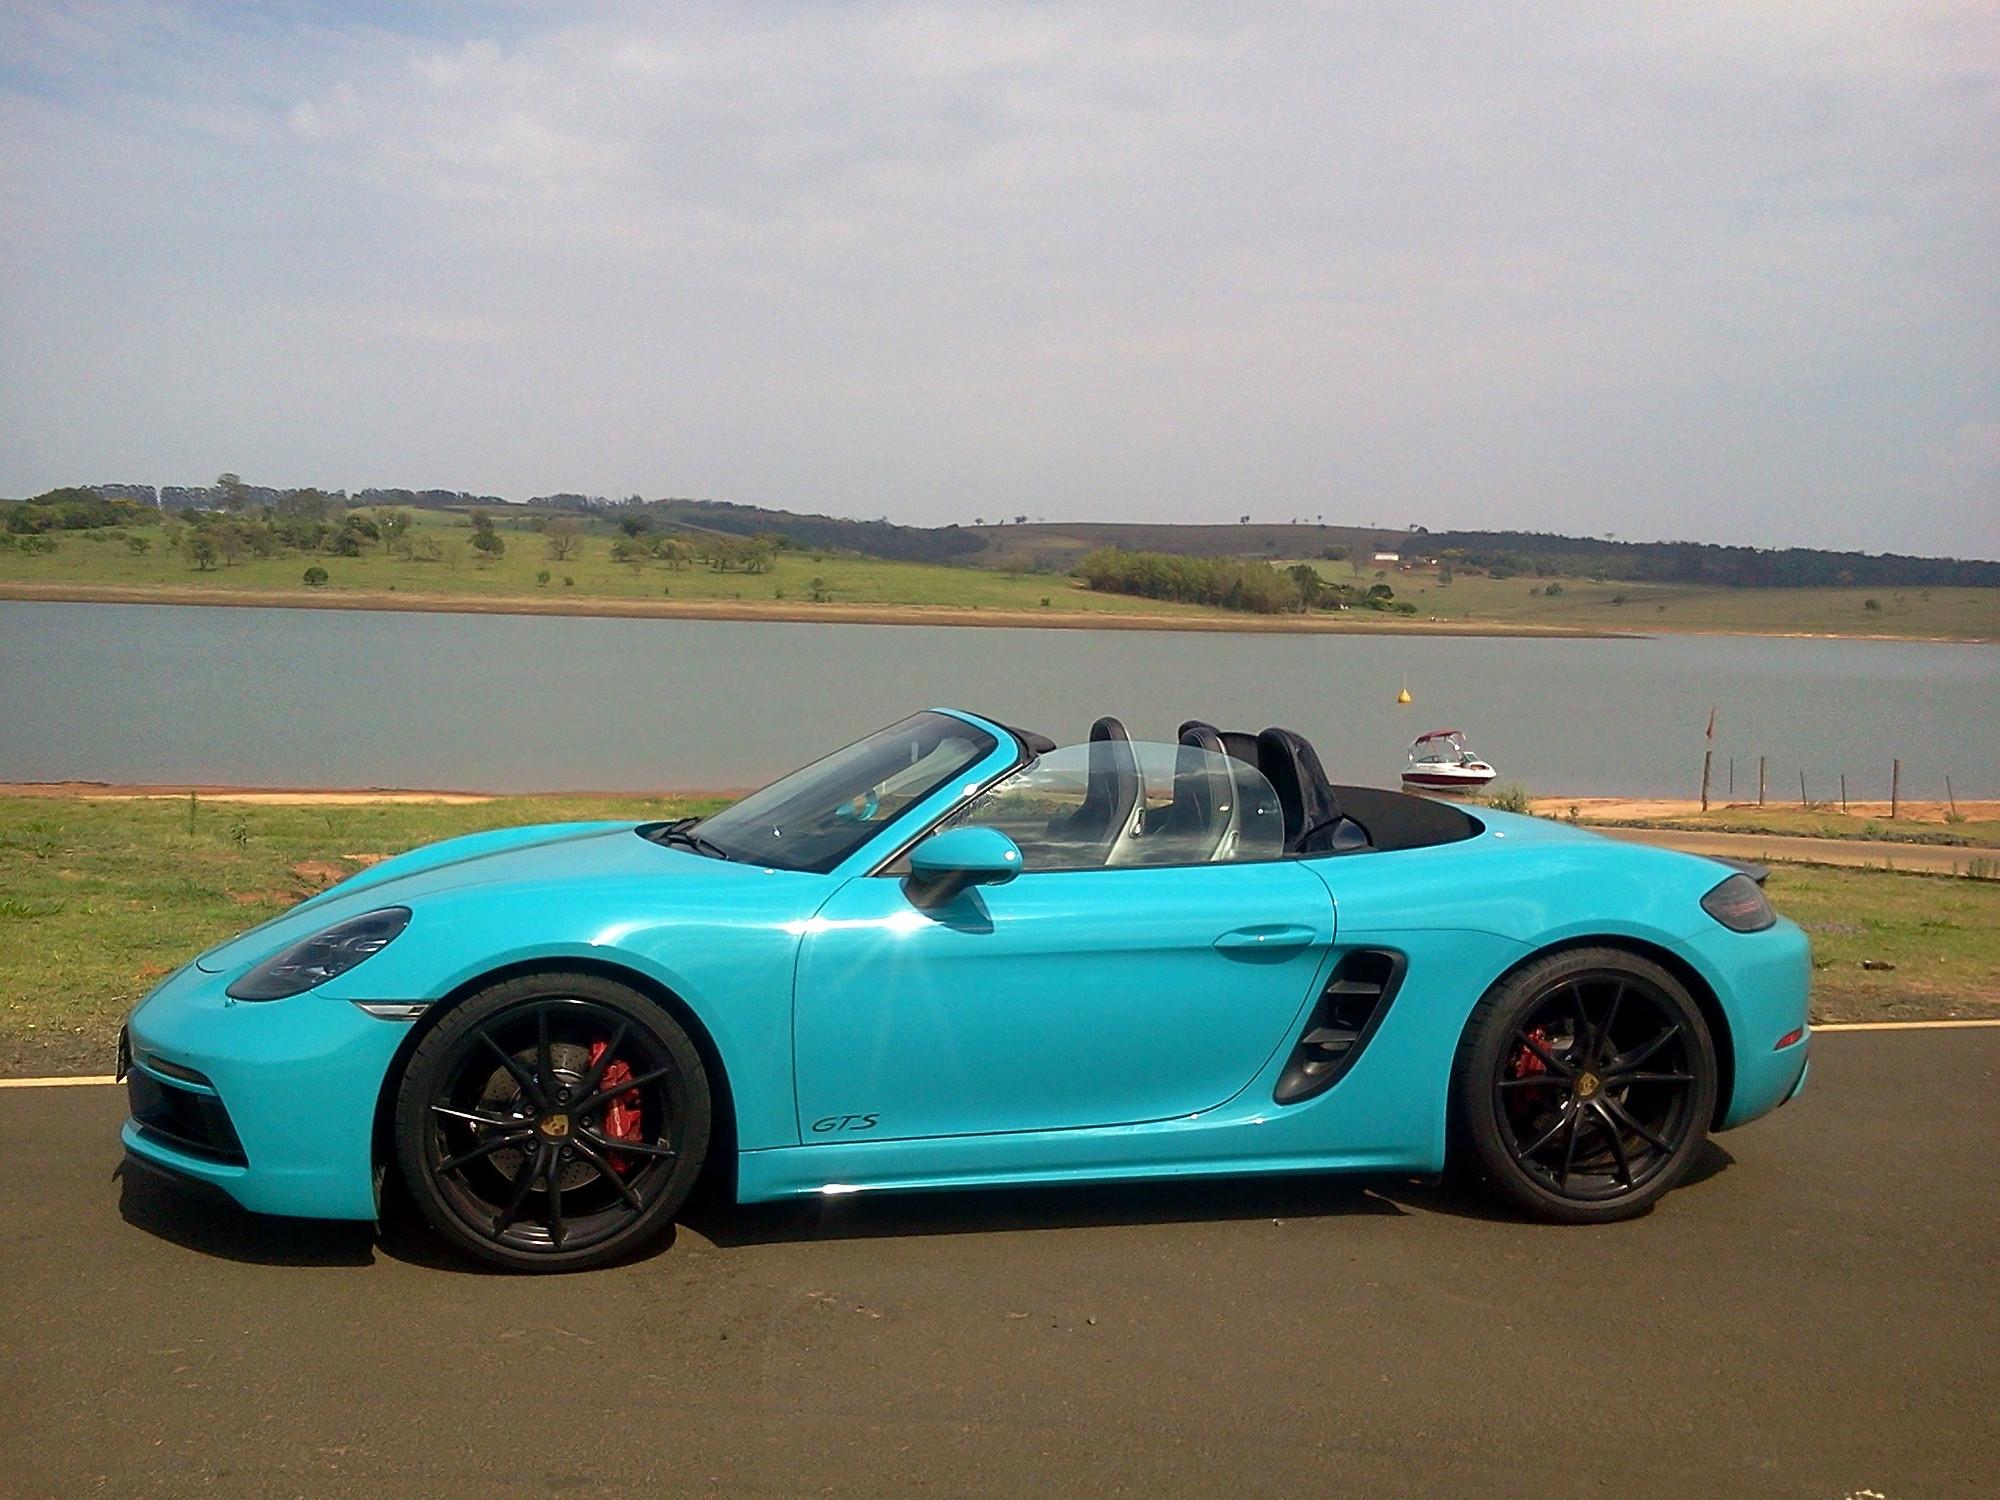 Avaliacao Porsche 718 Boxster Gts Magia E Esportividade Sem Limites